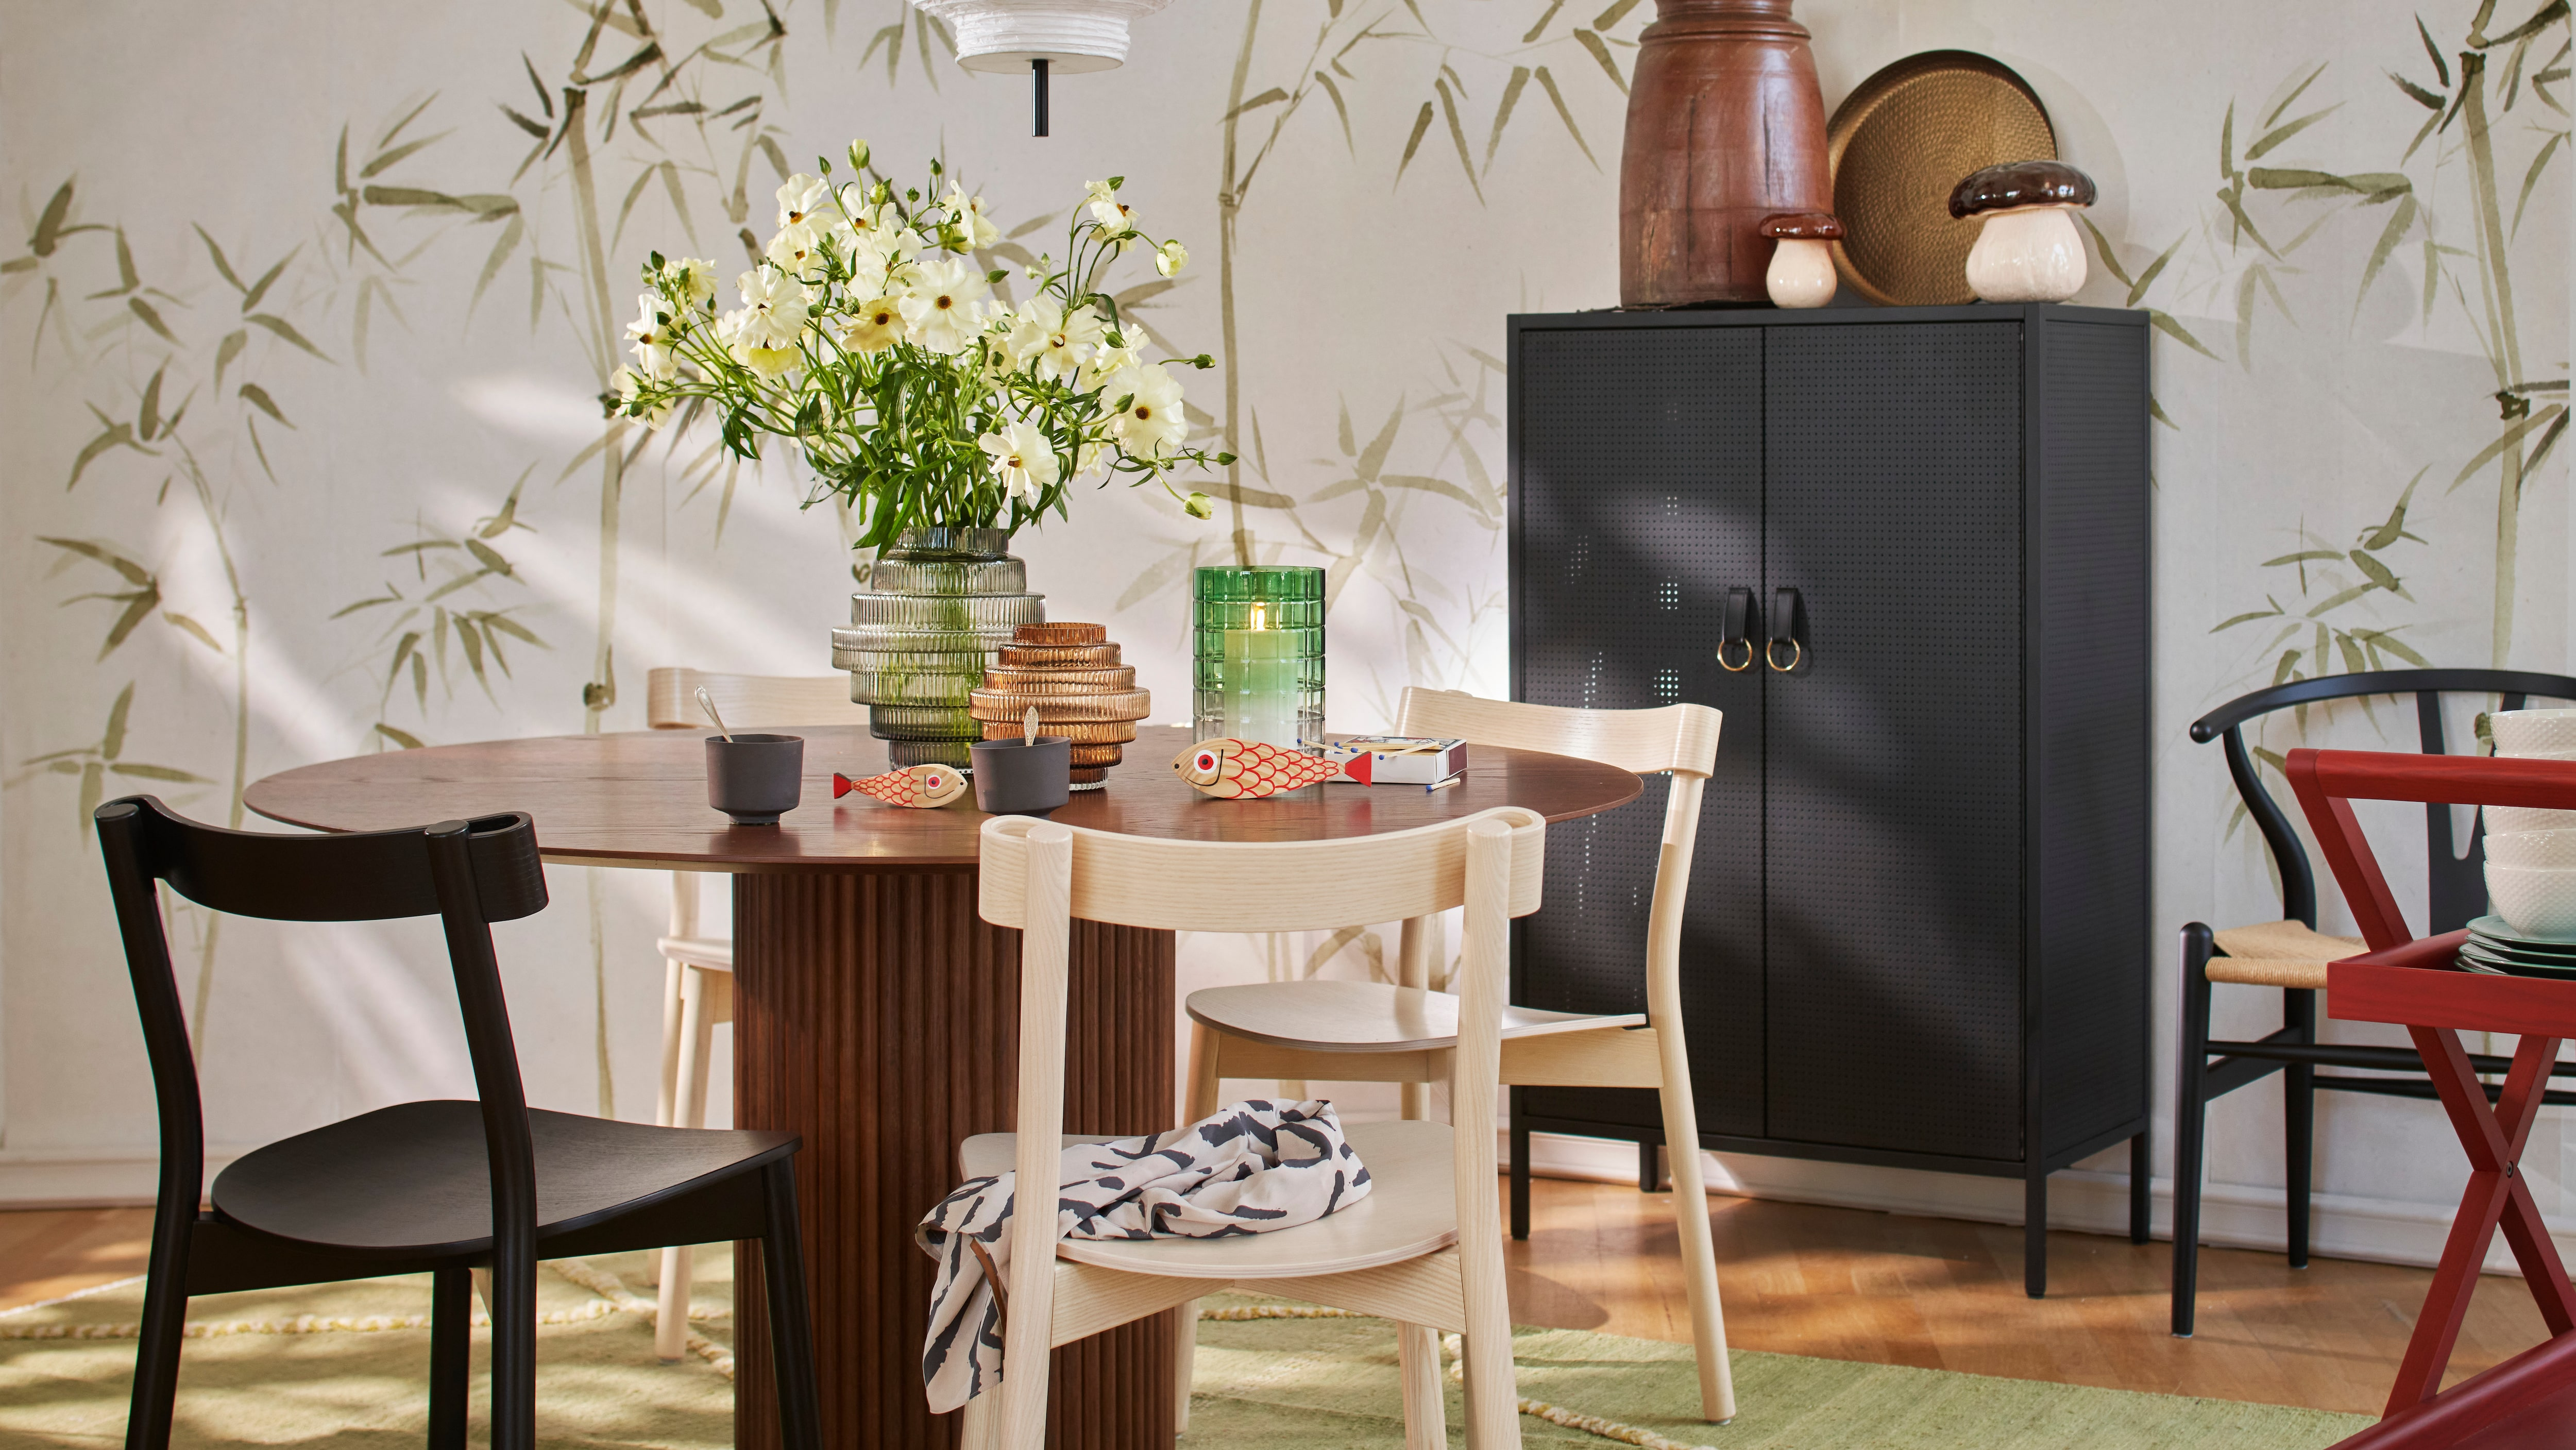 37 inspirerande bilder och idéer på matbord i vardagsrummet